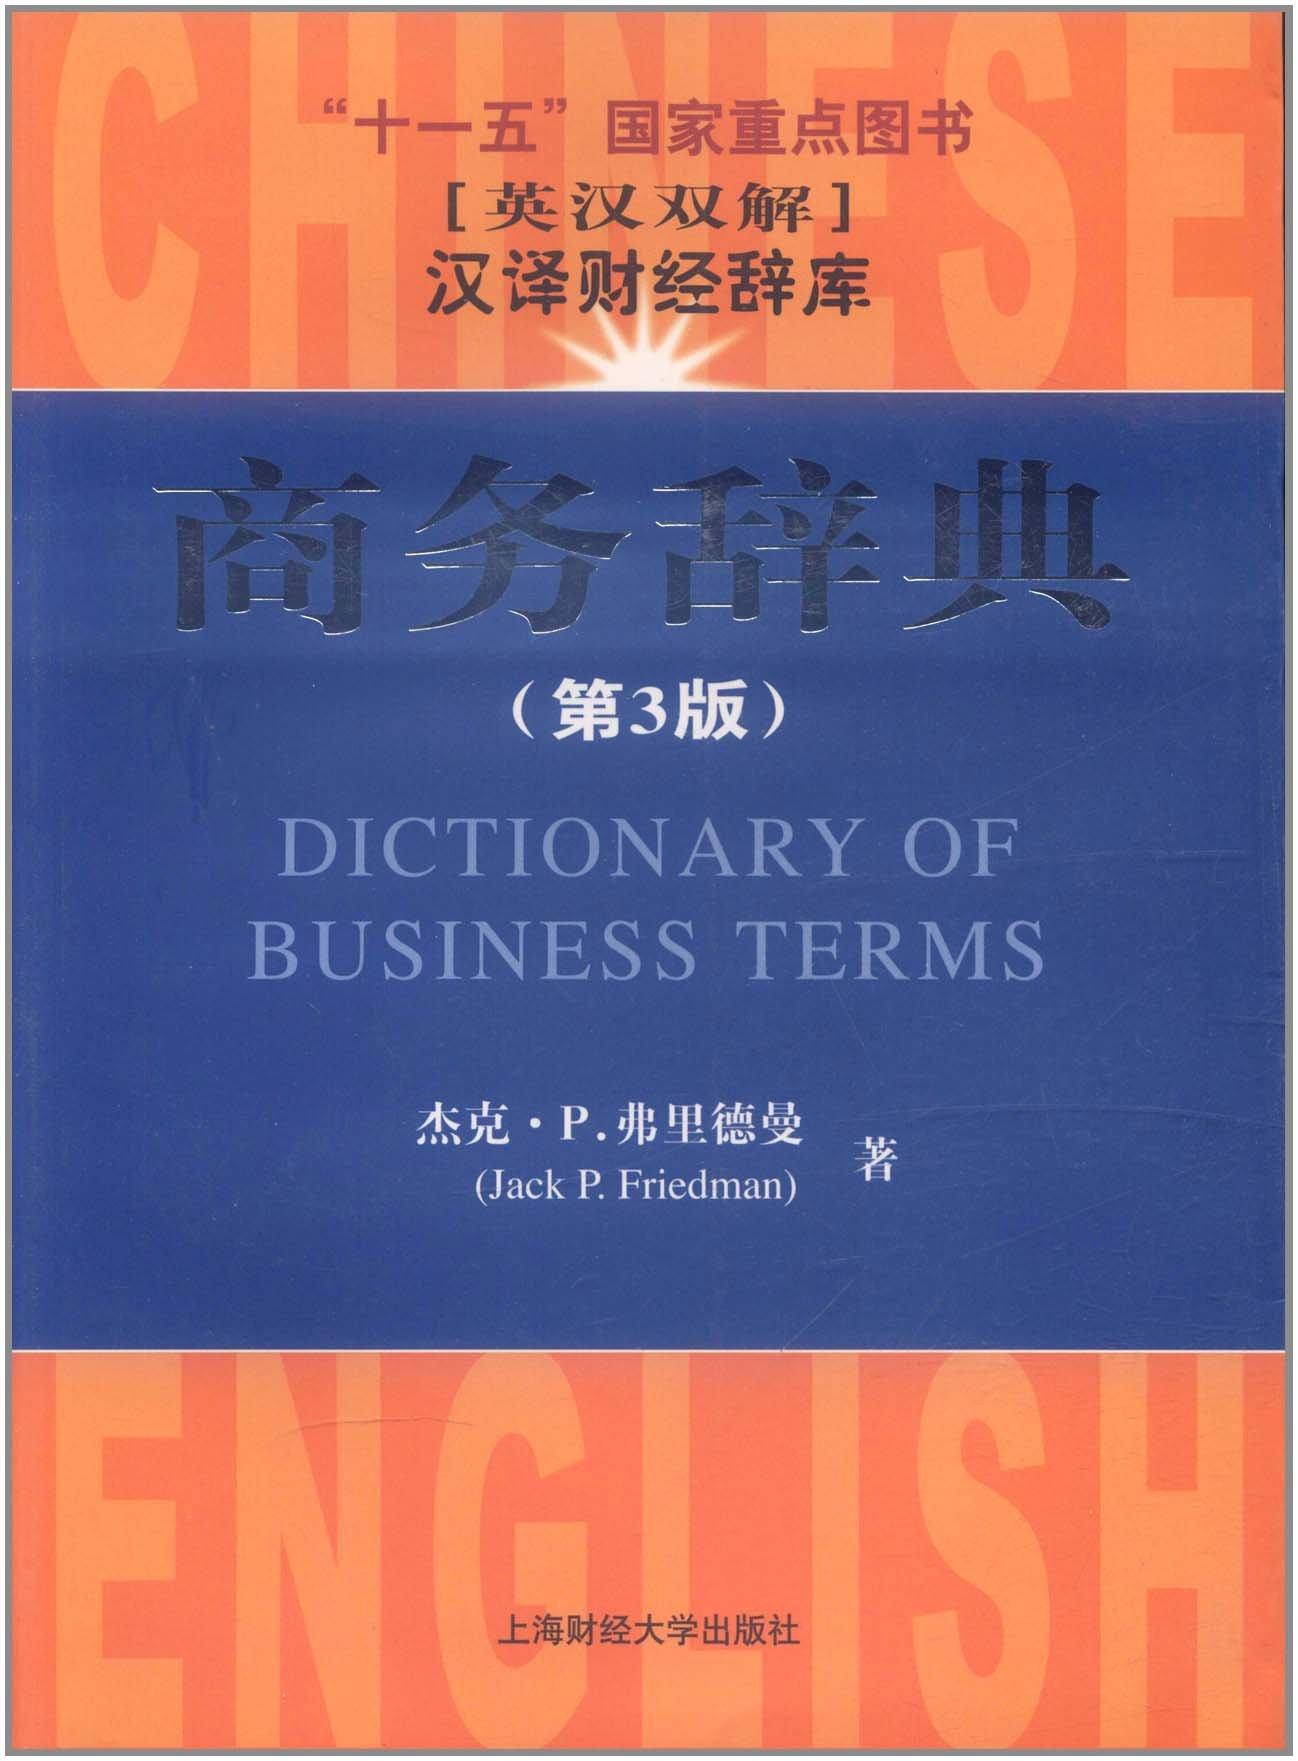 พจนานุกรมคำศัพท์จีนธุรกิจ (อังกฤษ-จีน)